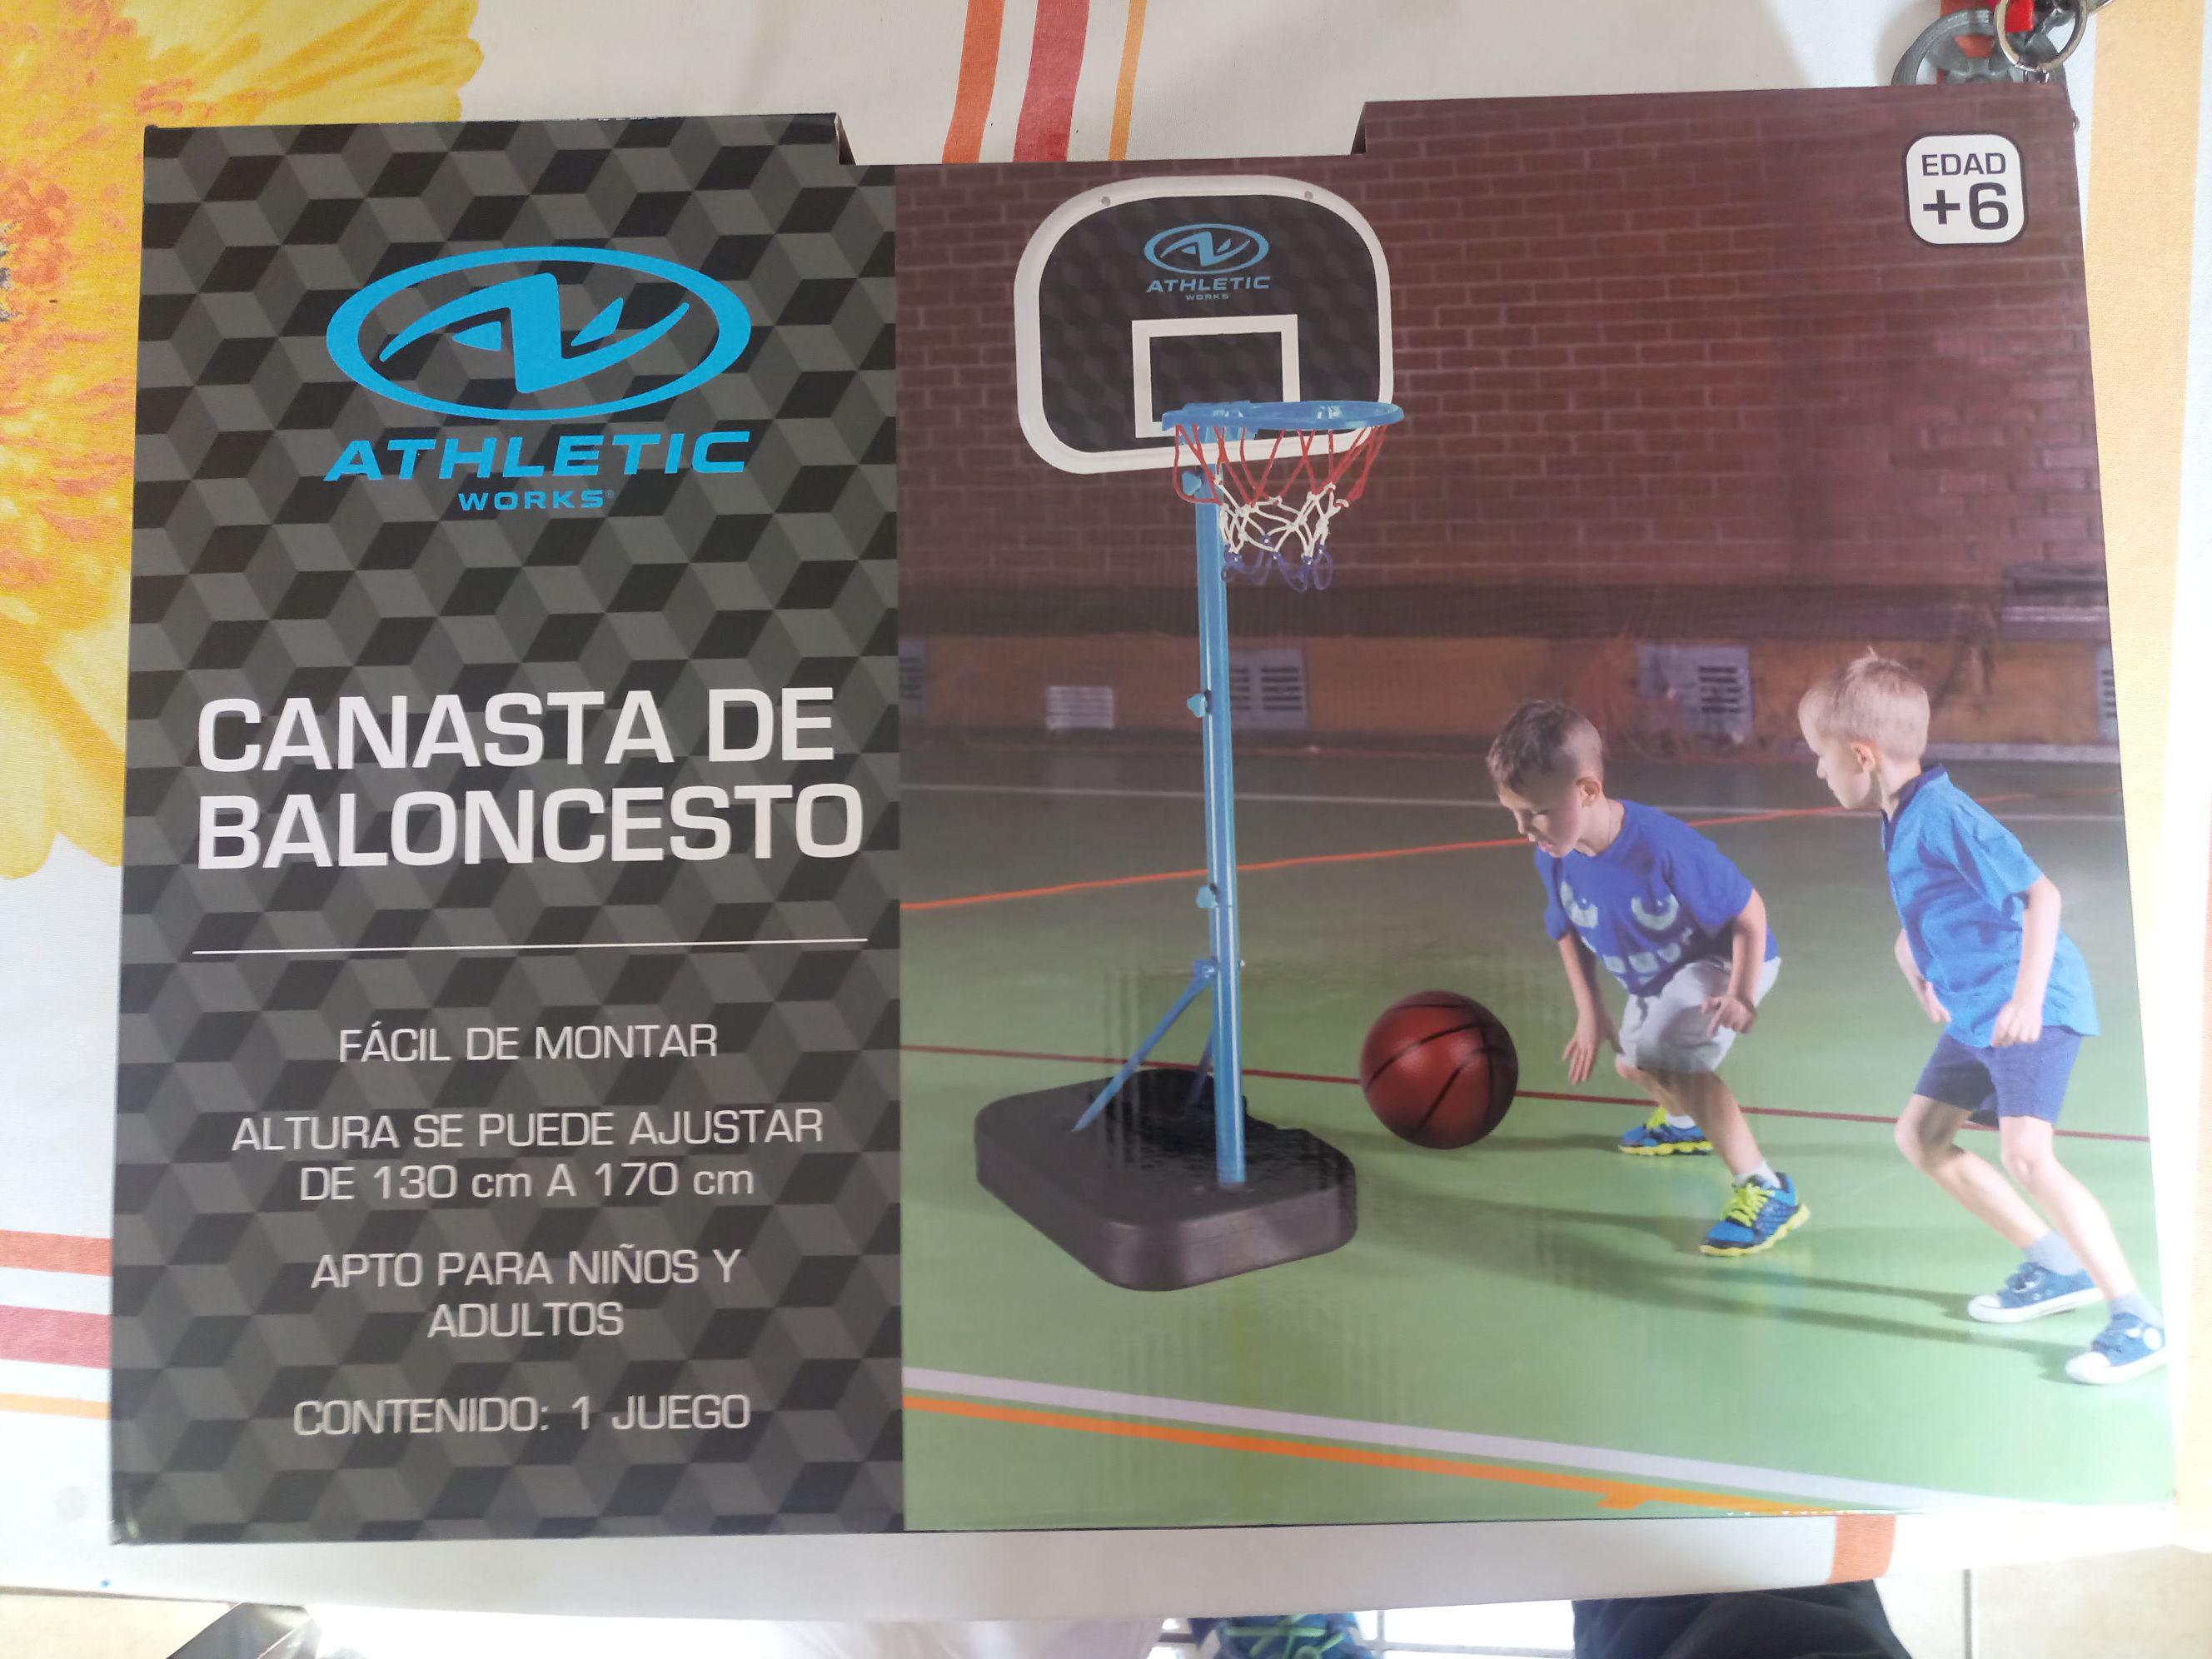 Bodega Aurrerá bicentenario Veracruz: liquidación Canasta de baloncesto